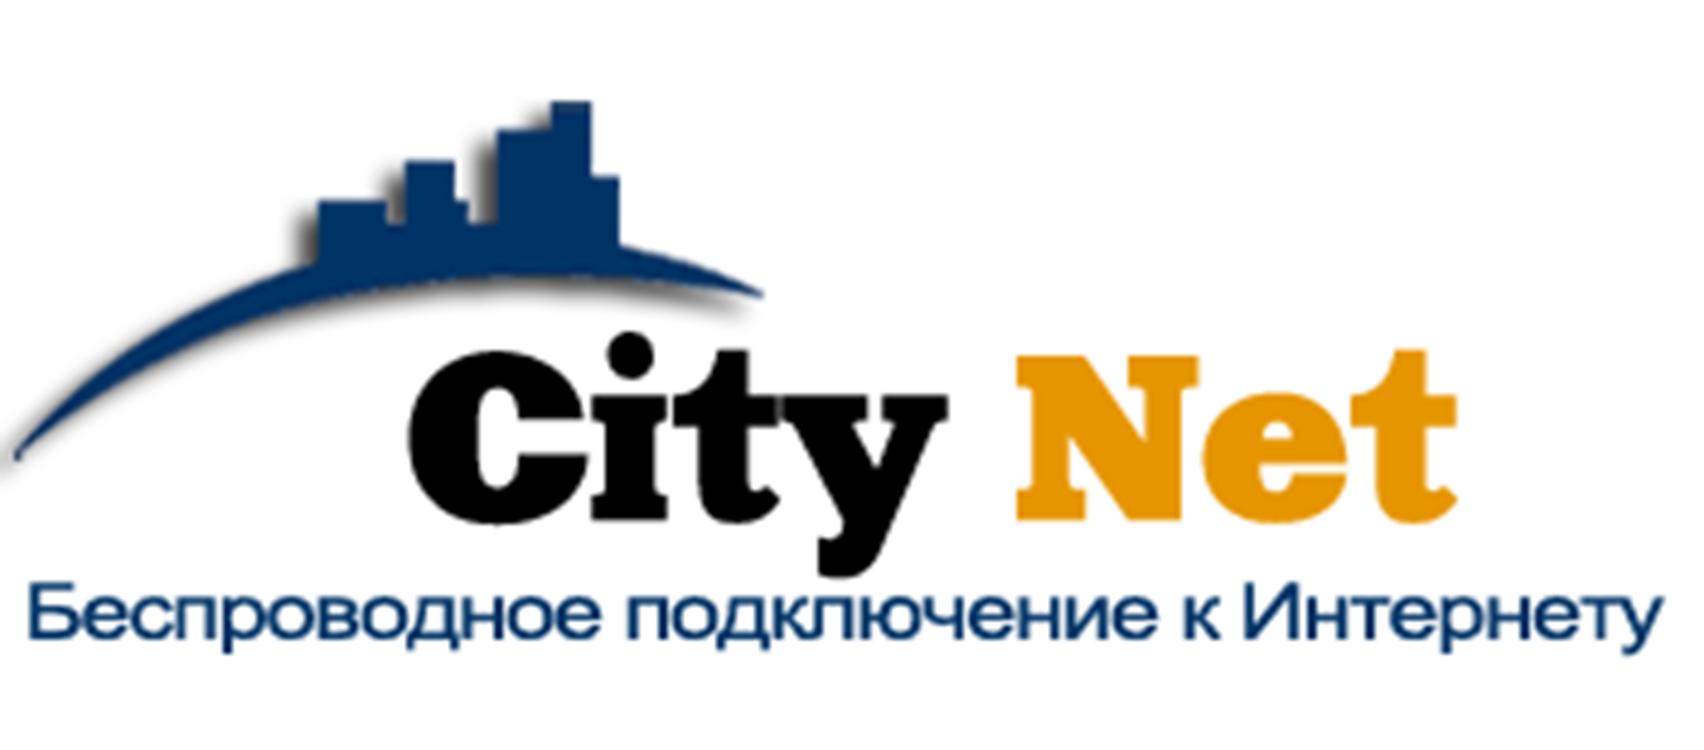 CityNet (Каховка, Любимовка, Берислав, Софиевка)